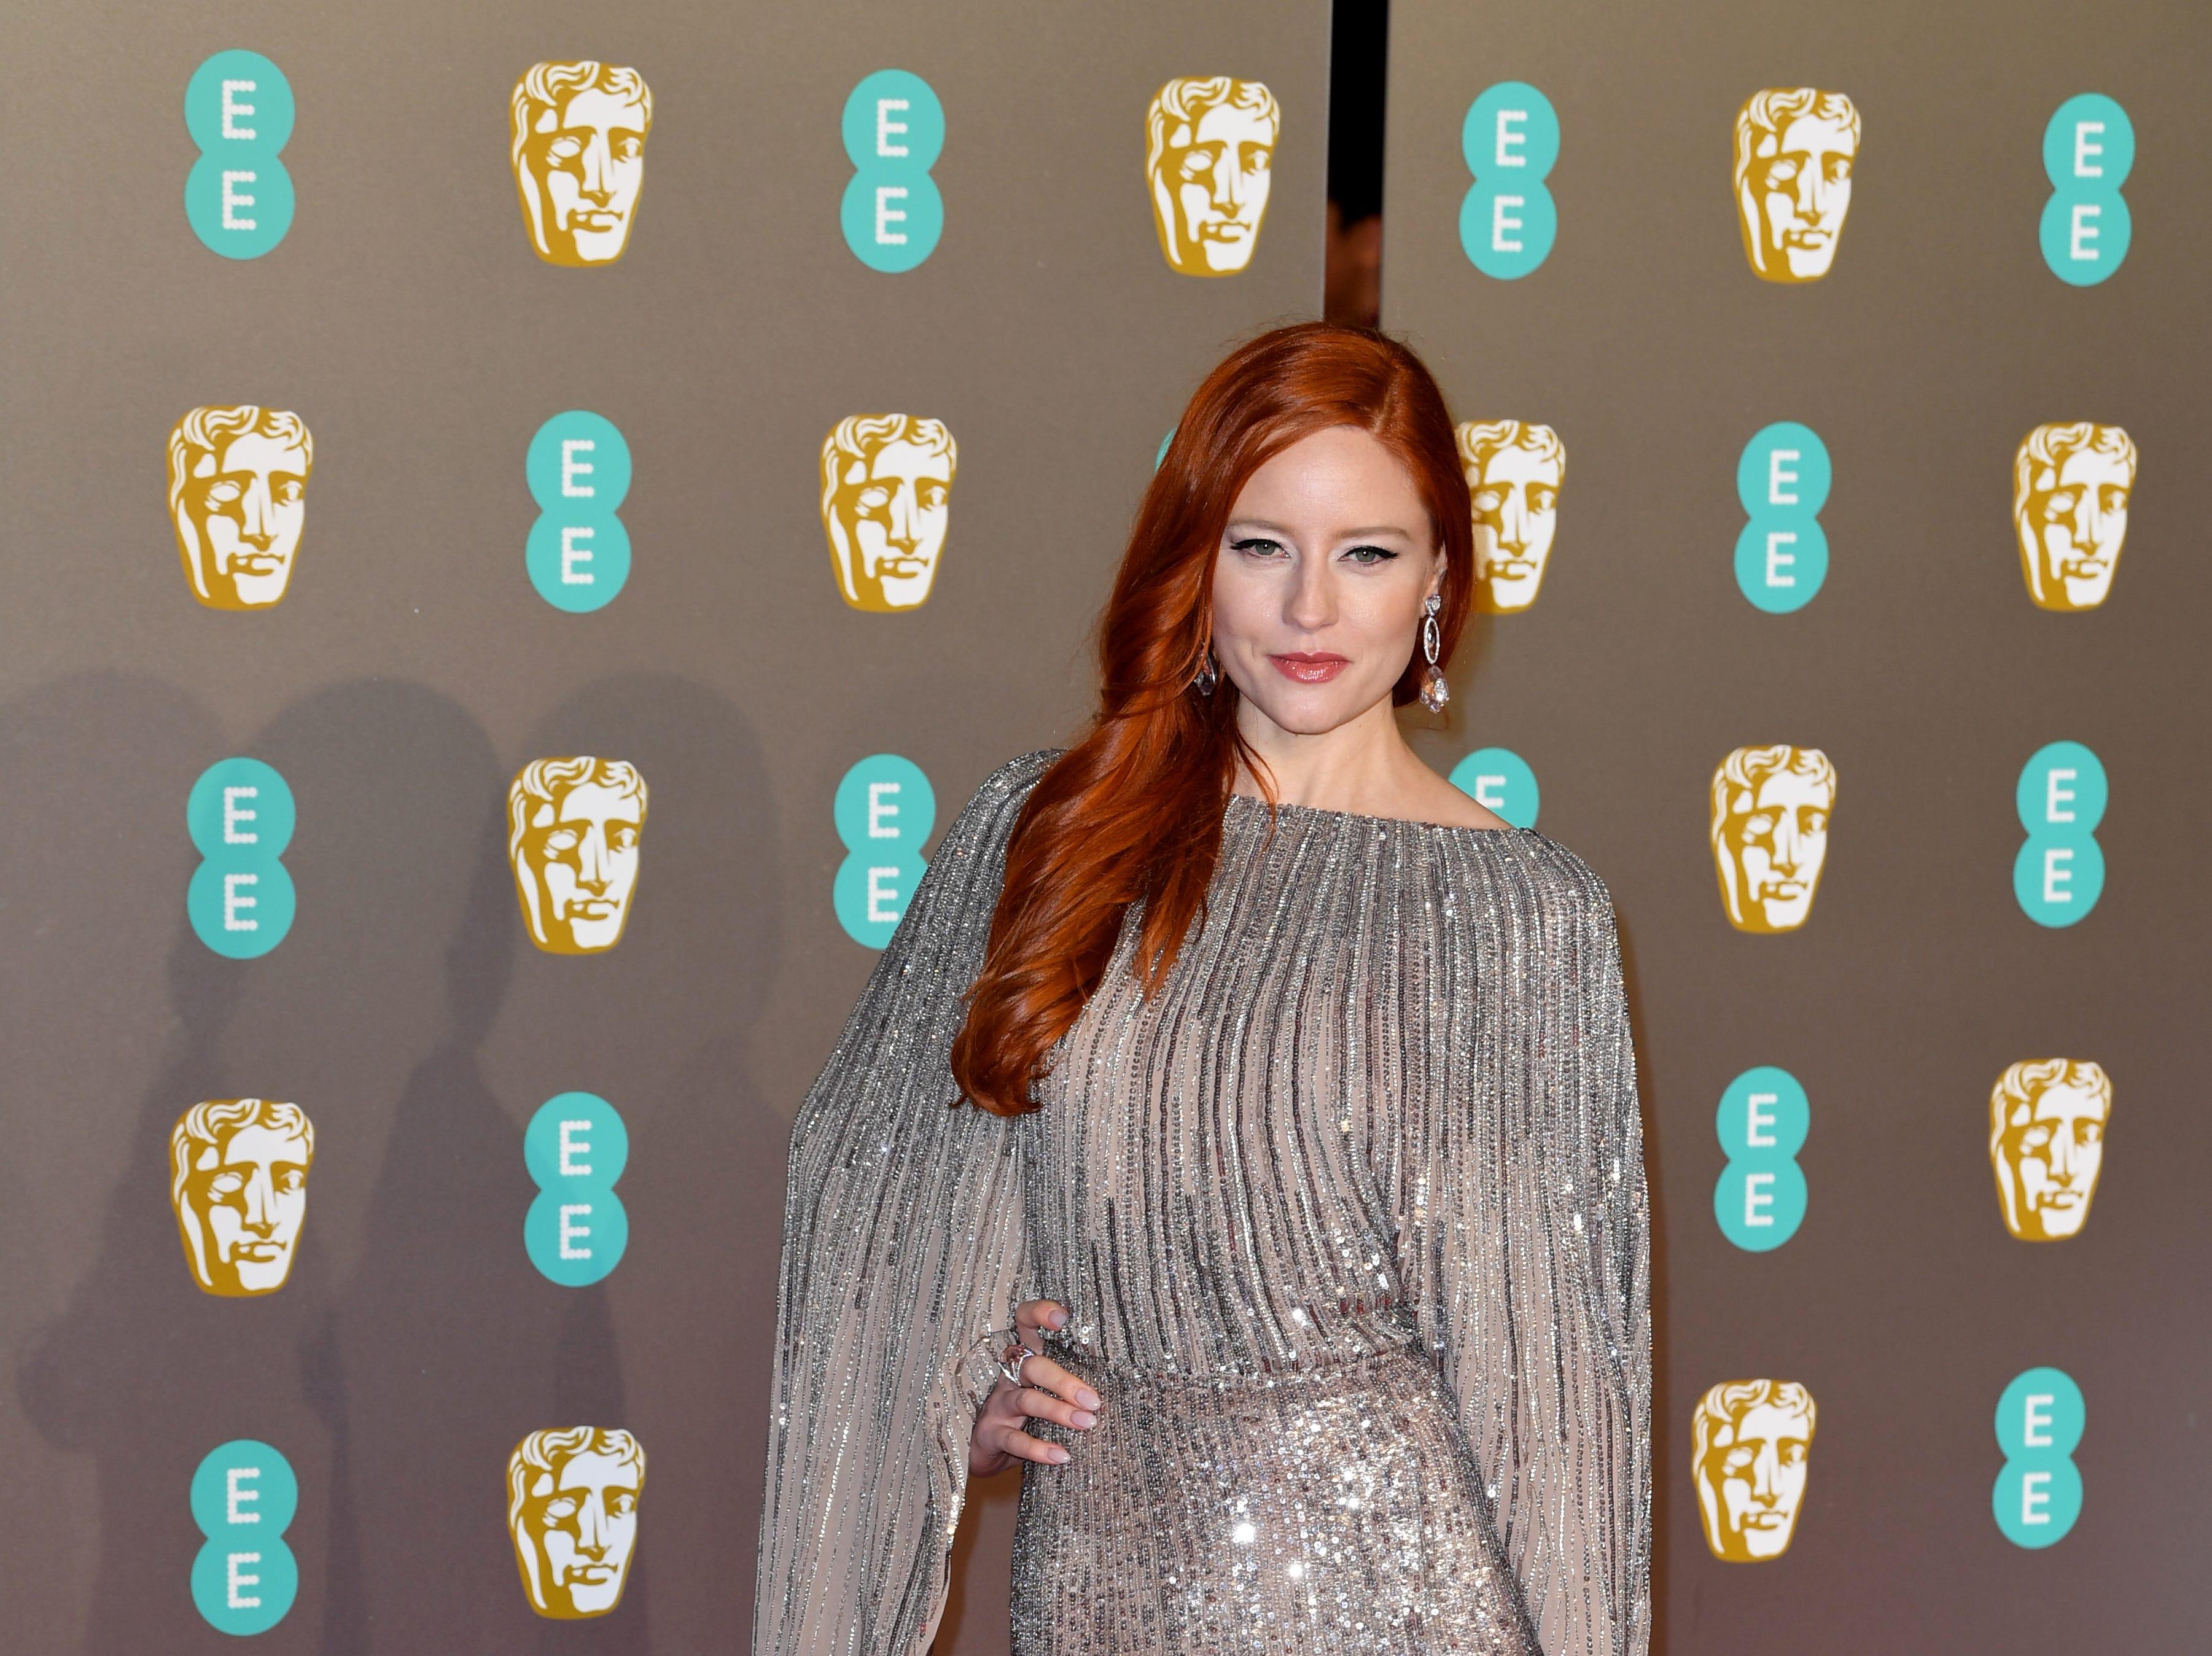 Barbara Meier a su llegada a la alfombra roja de los Premios de la Academia Británica de Cine BAFTA en el Royal Albert Hall en Londres el 10 de febrero de 2019.